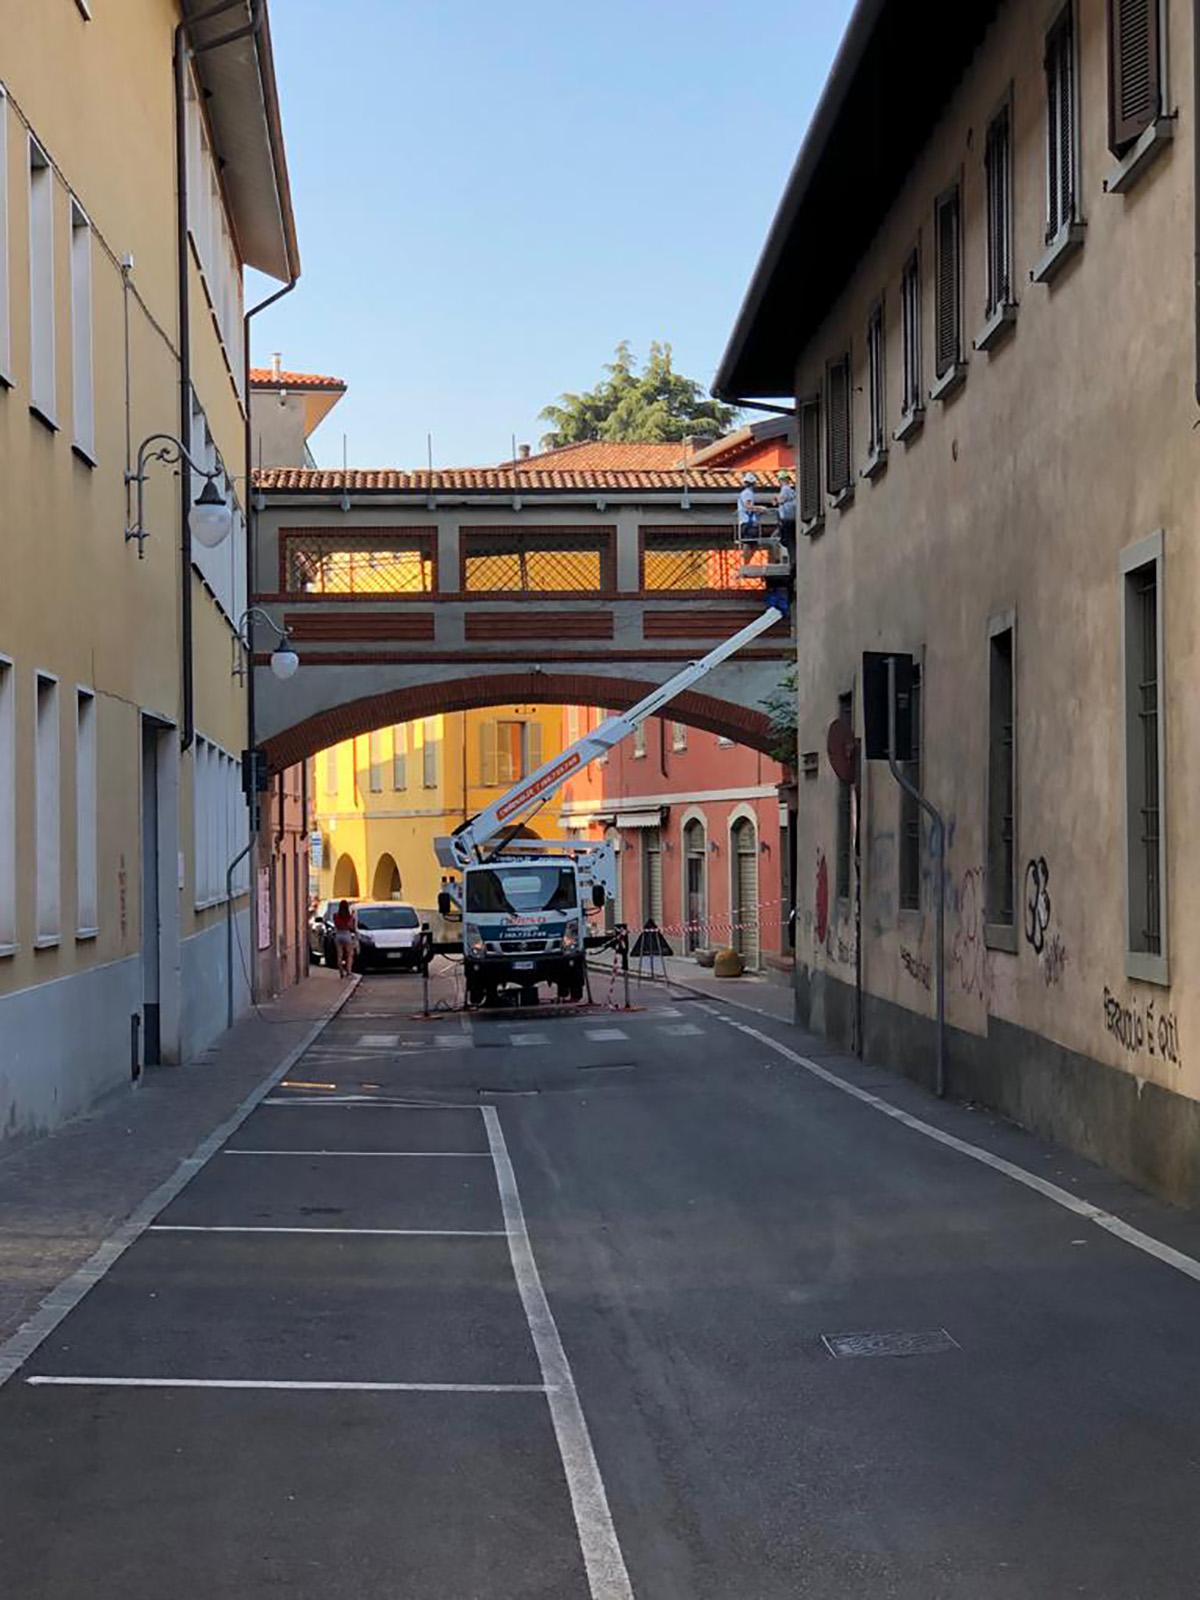 Perico-Renato-Alzano Lombardo (BG) - Sovrappasso pedonale - Manutenzione 2